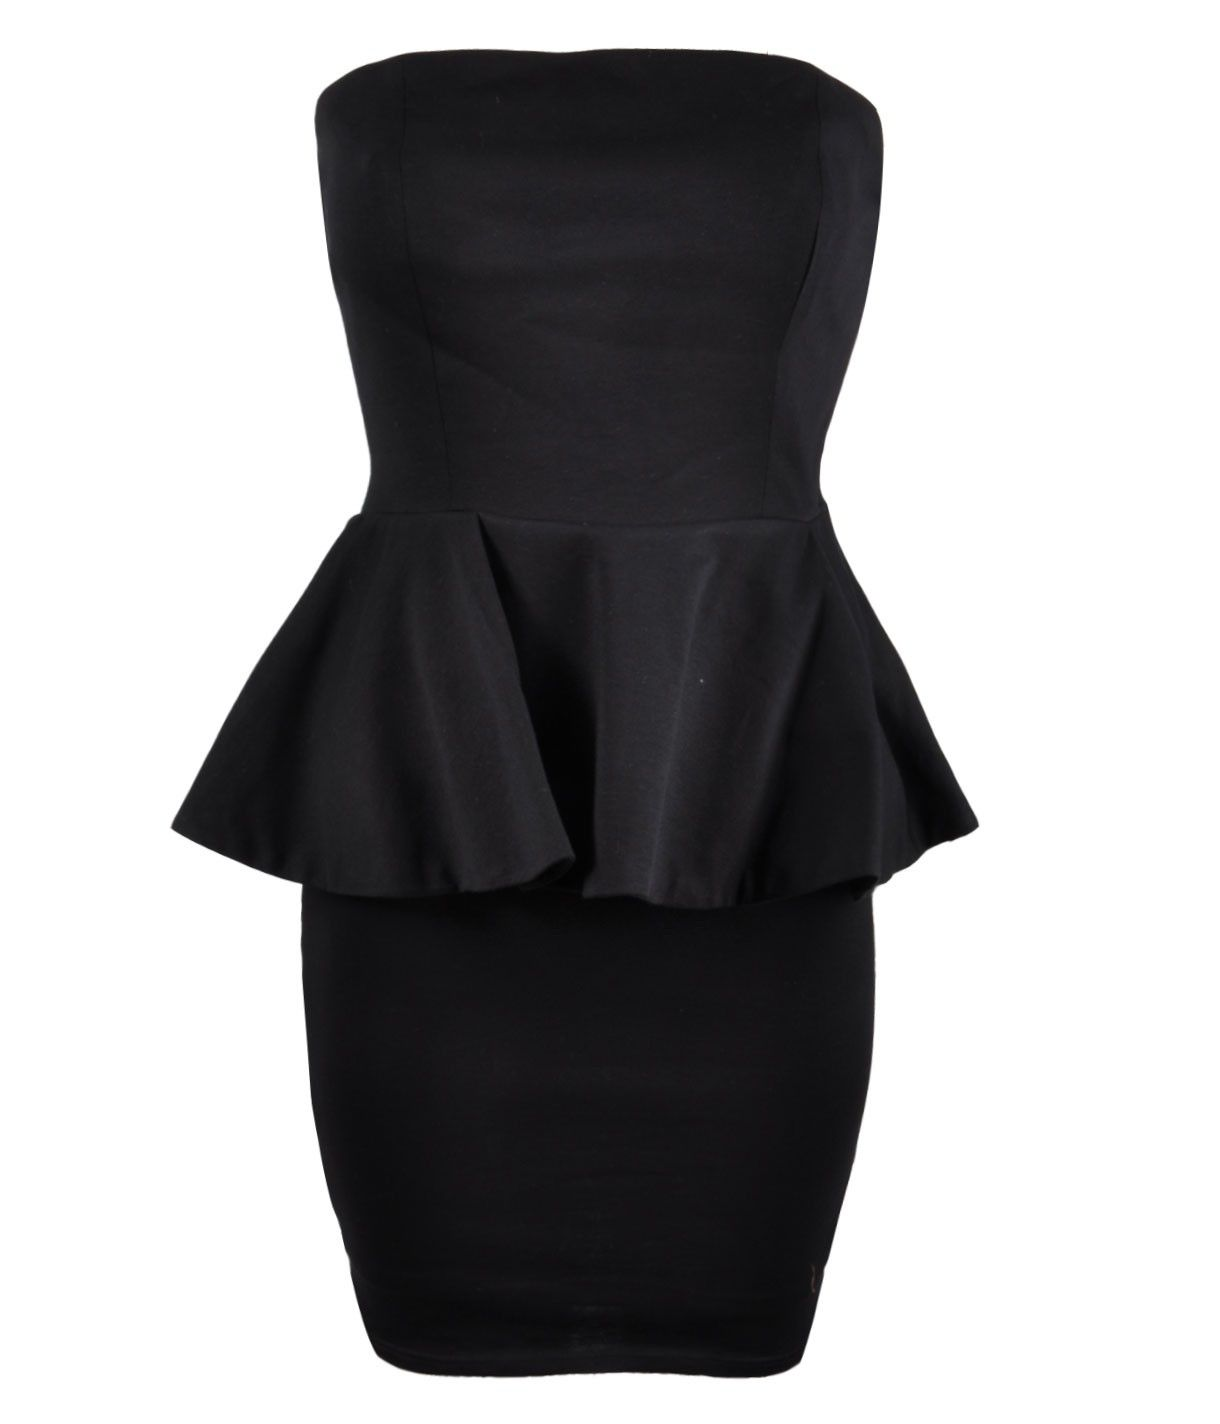 4ac02c0af Vestido ajustado negro con vuelo en cintura | Ropa | Vestidos cortos ...